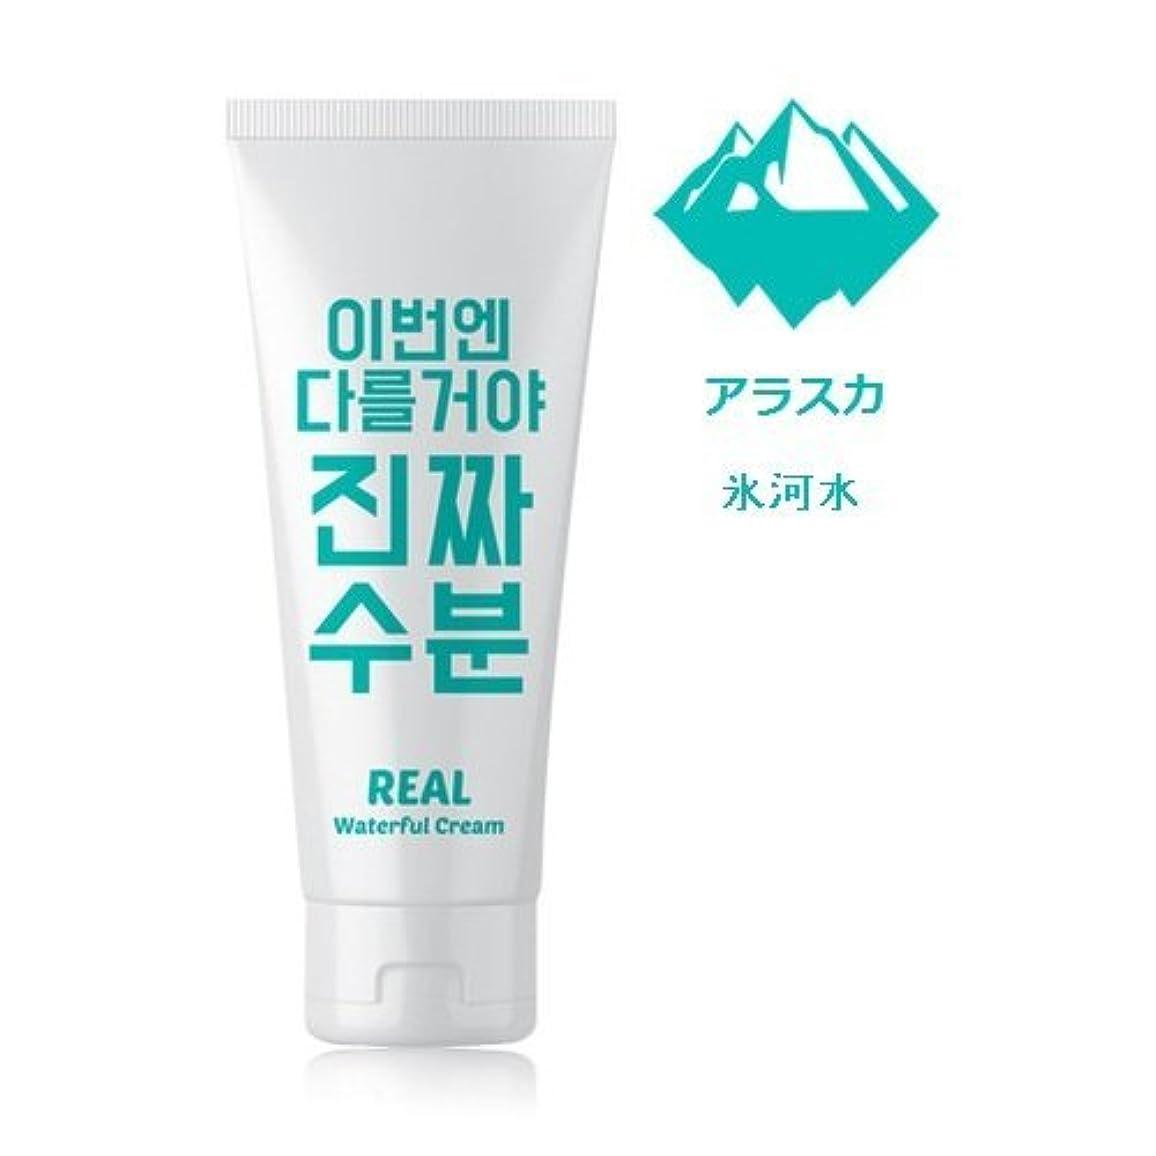 最終雇用者起きる[1+1]Jaminkyung [FREE MARK] Real Waterful Cream 200g*2EA ジャミンギョン[フリーマーク]今度は違うぞ!! 本当の水分クリーム [並行輸入品]